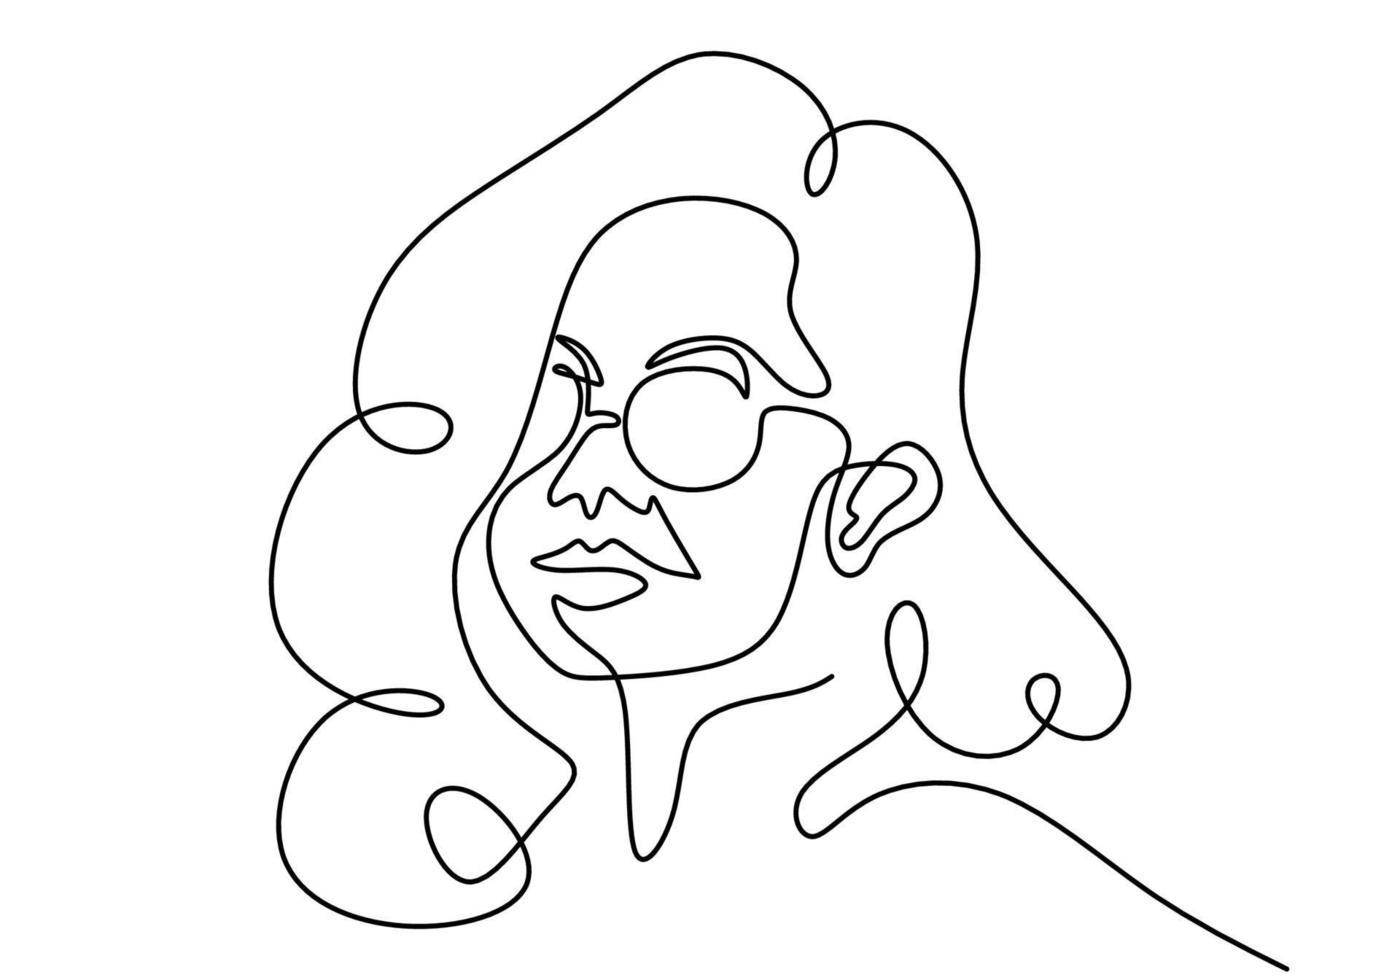 contínuo um desenho de linha de estilo clássico de retrato de mulher em óculos de sol. vetor